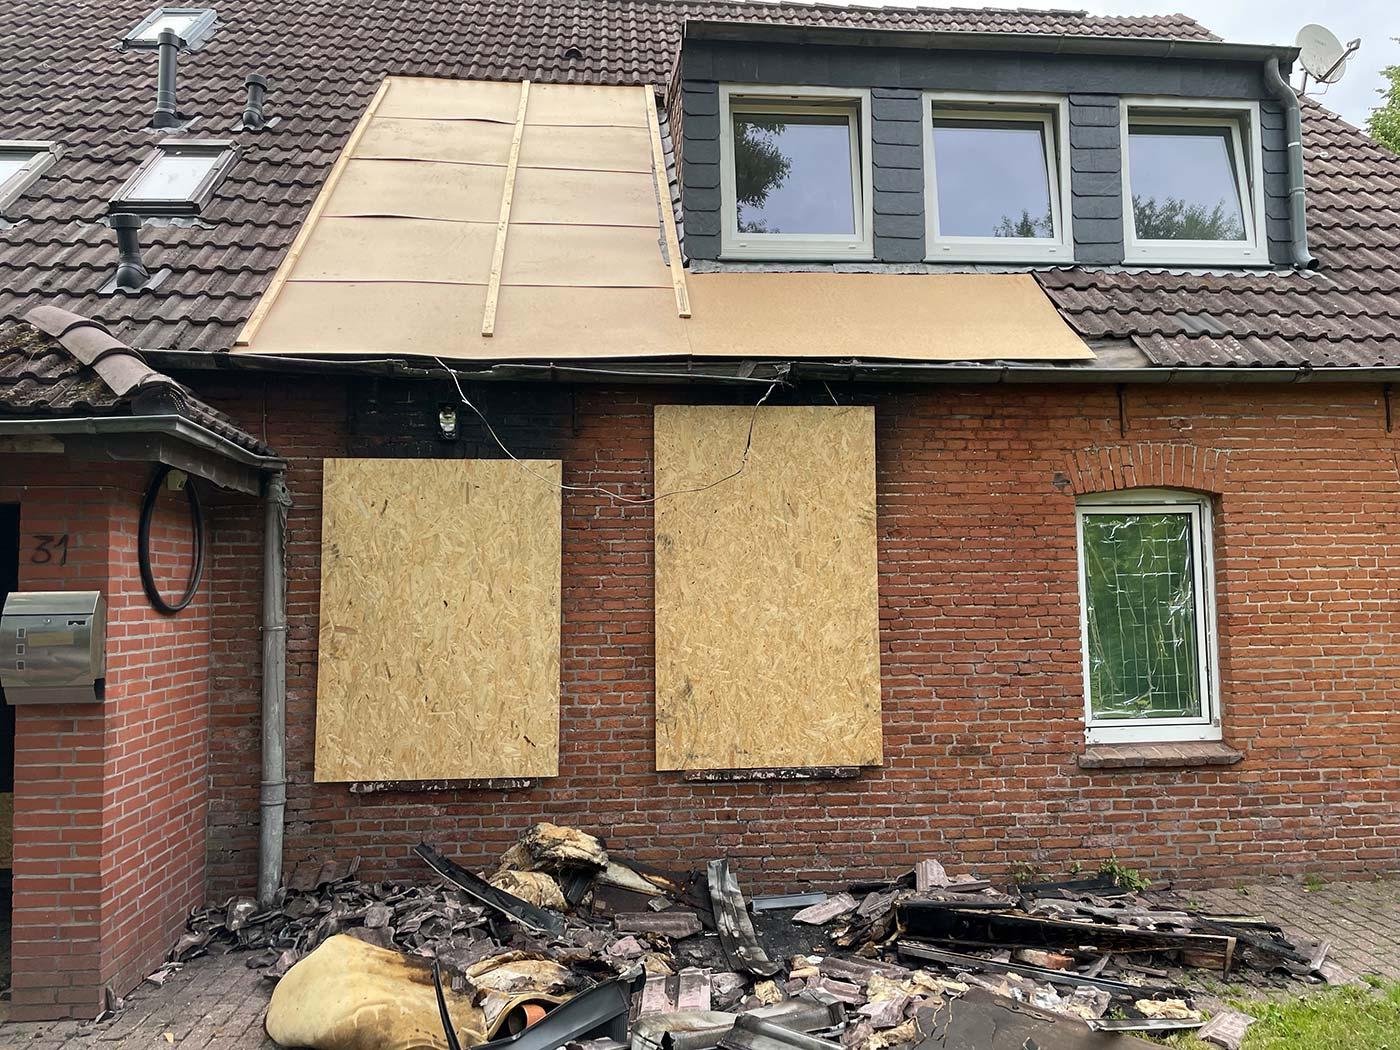 Nach Wohnungsbrand: Das Ende des Wegsehens?